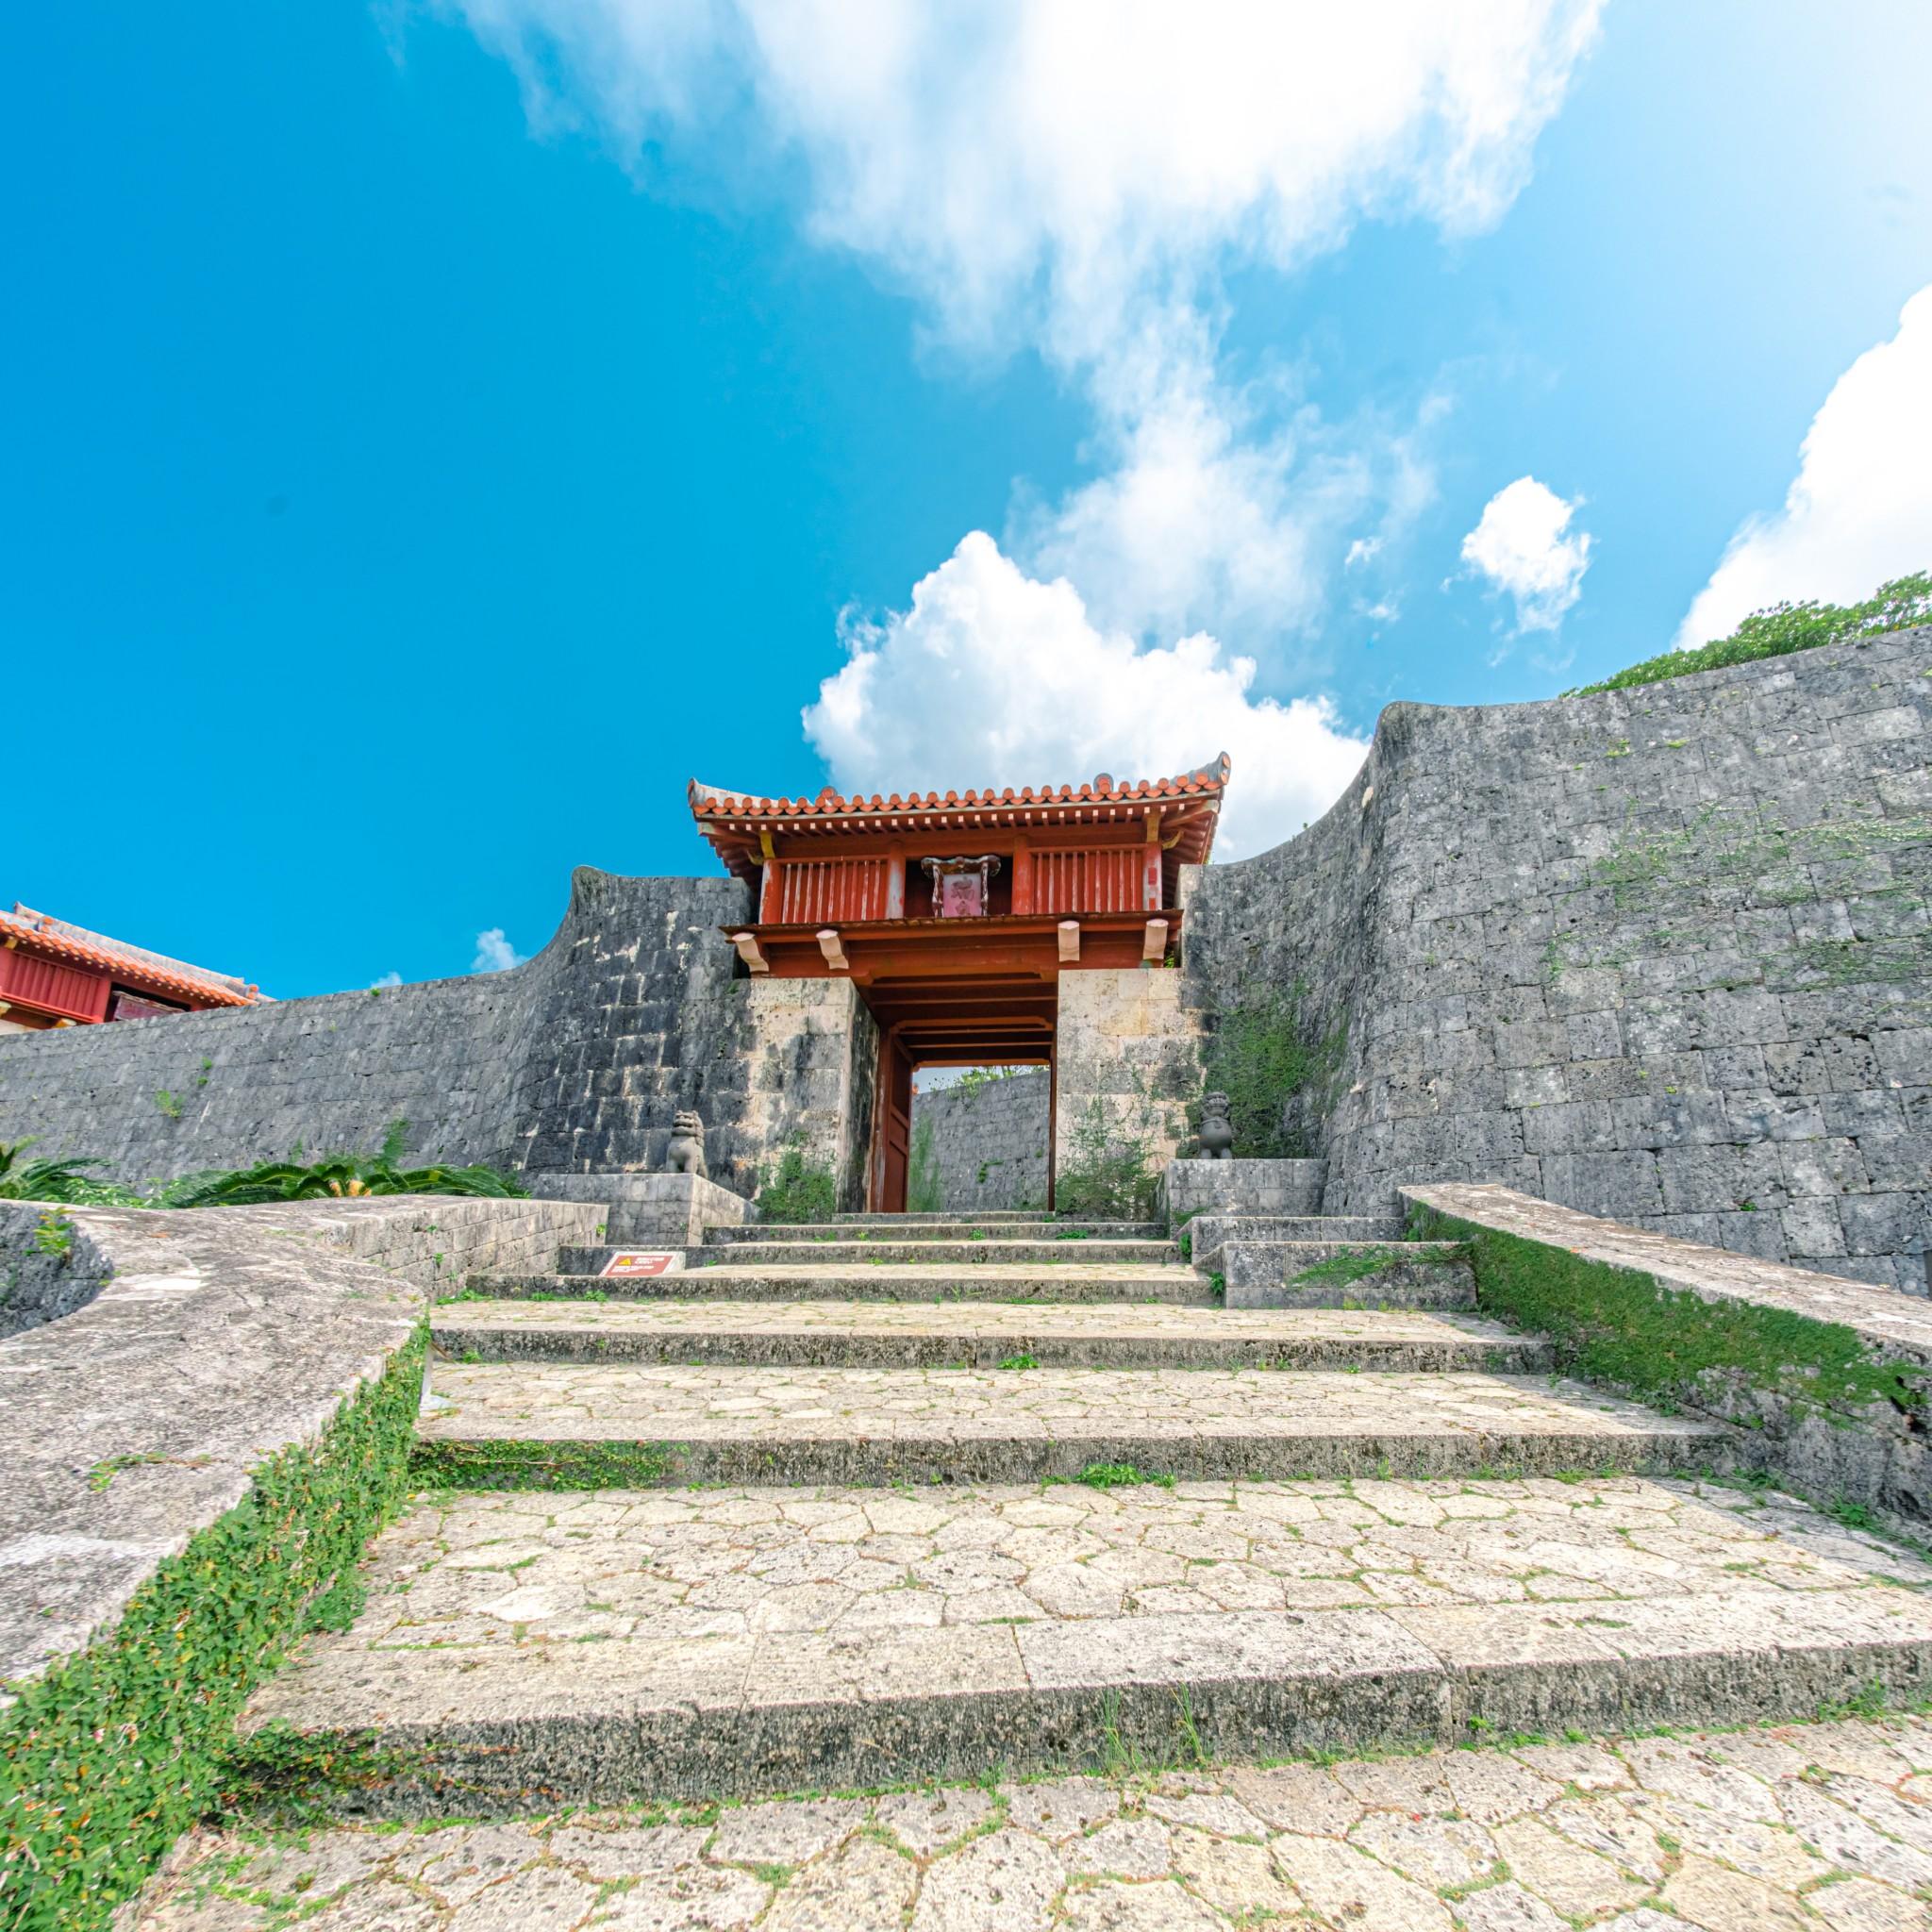 【沖縄旅】世界遺産登録20周年!琉球王国の歴史に触れる、9つの世界遺産巡りへ。